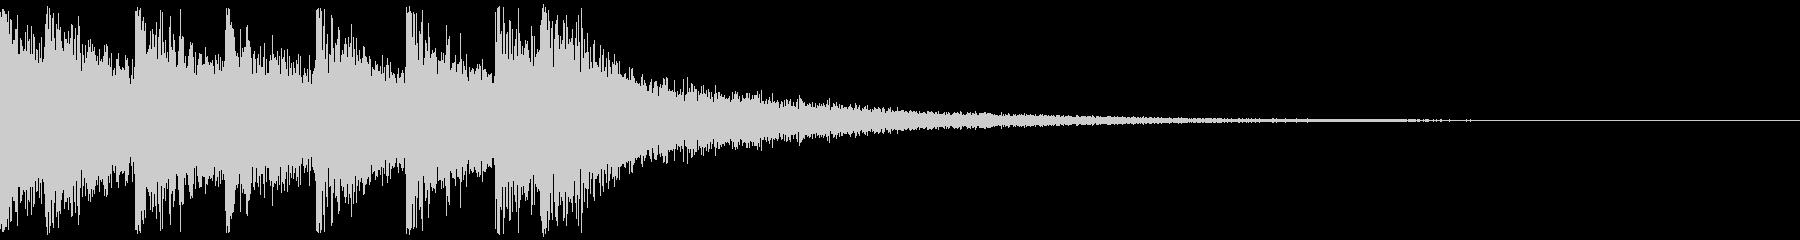 クイズ系のシンプルなジングルの未再生の波形